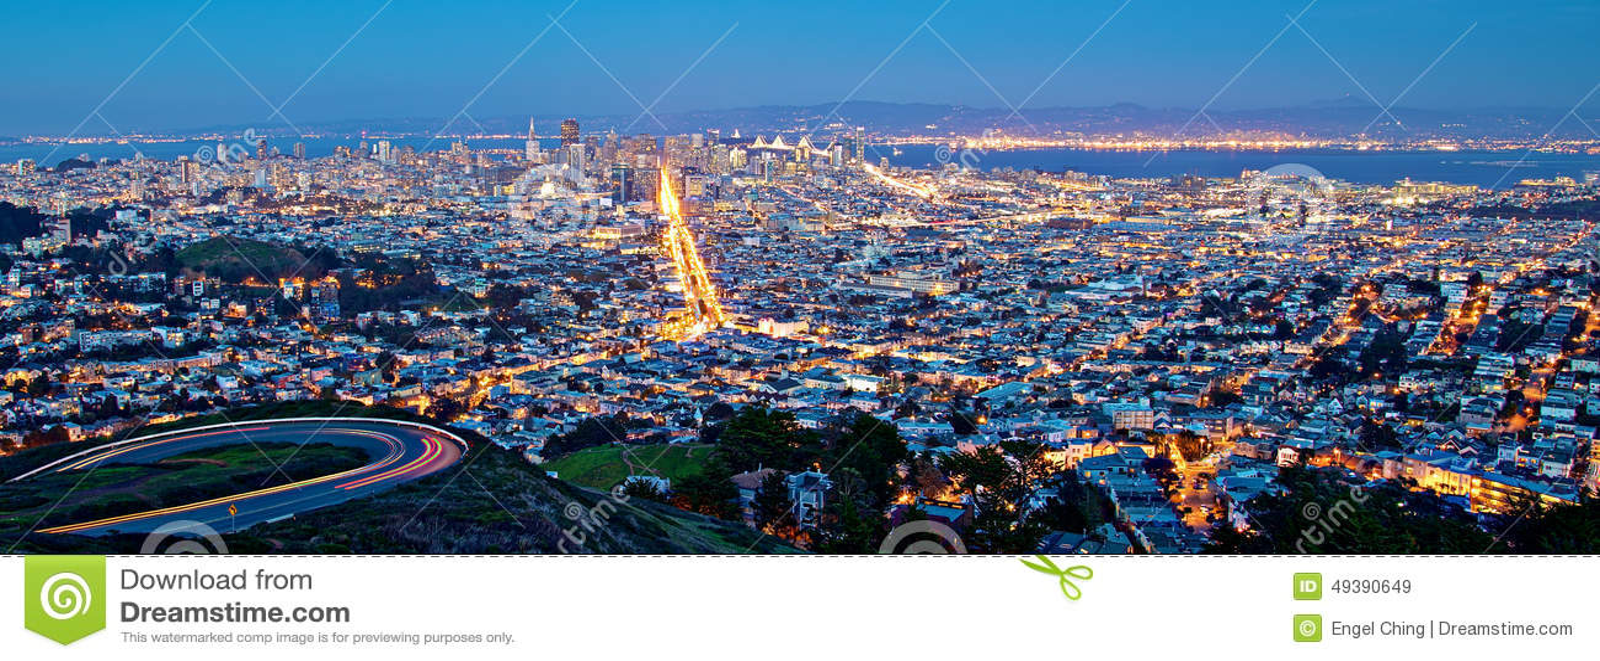 Paysage urbain de San Francisco la nuit